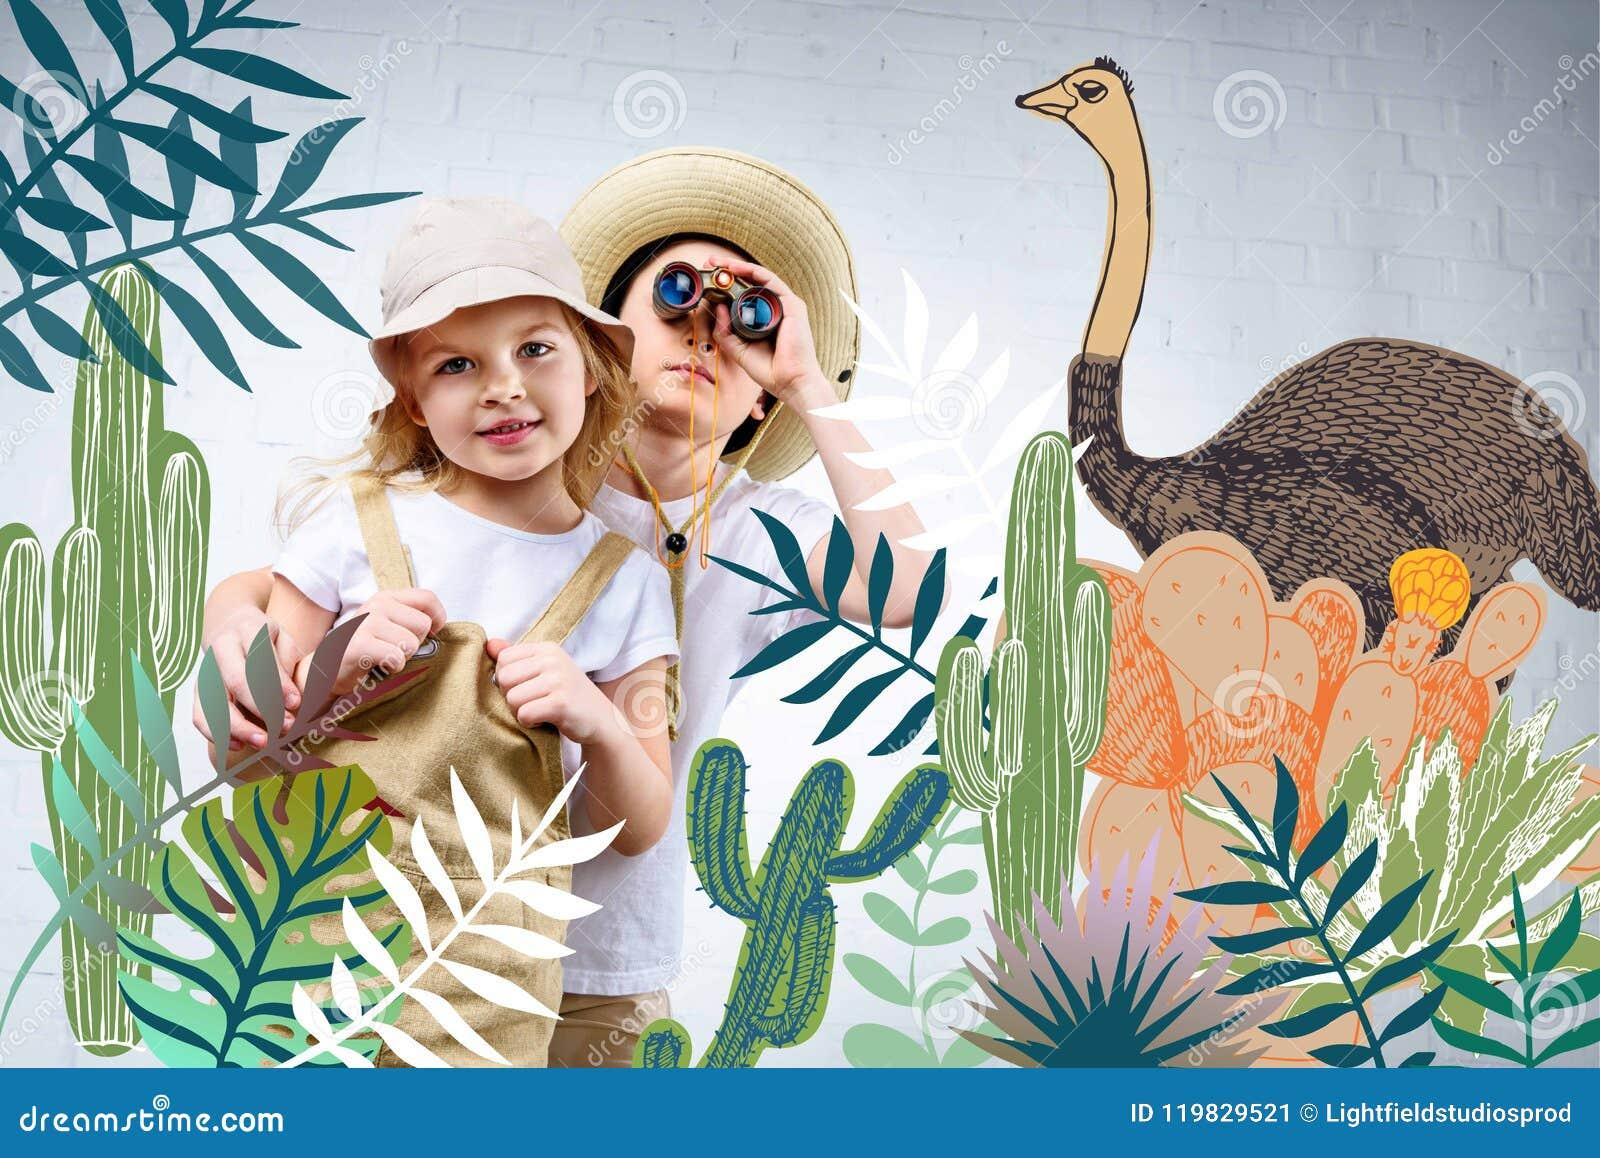 Geschwister in der Safari kostümieren das Umarmen und das Betrachten in den Ferngläsern Kakteen